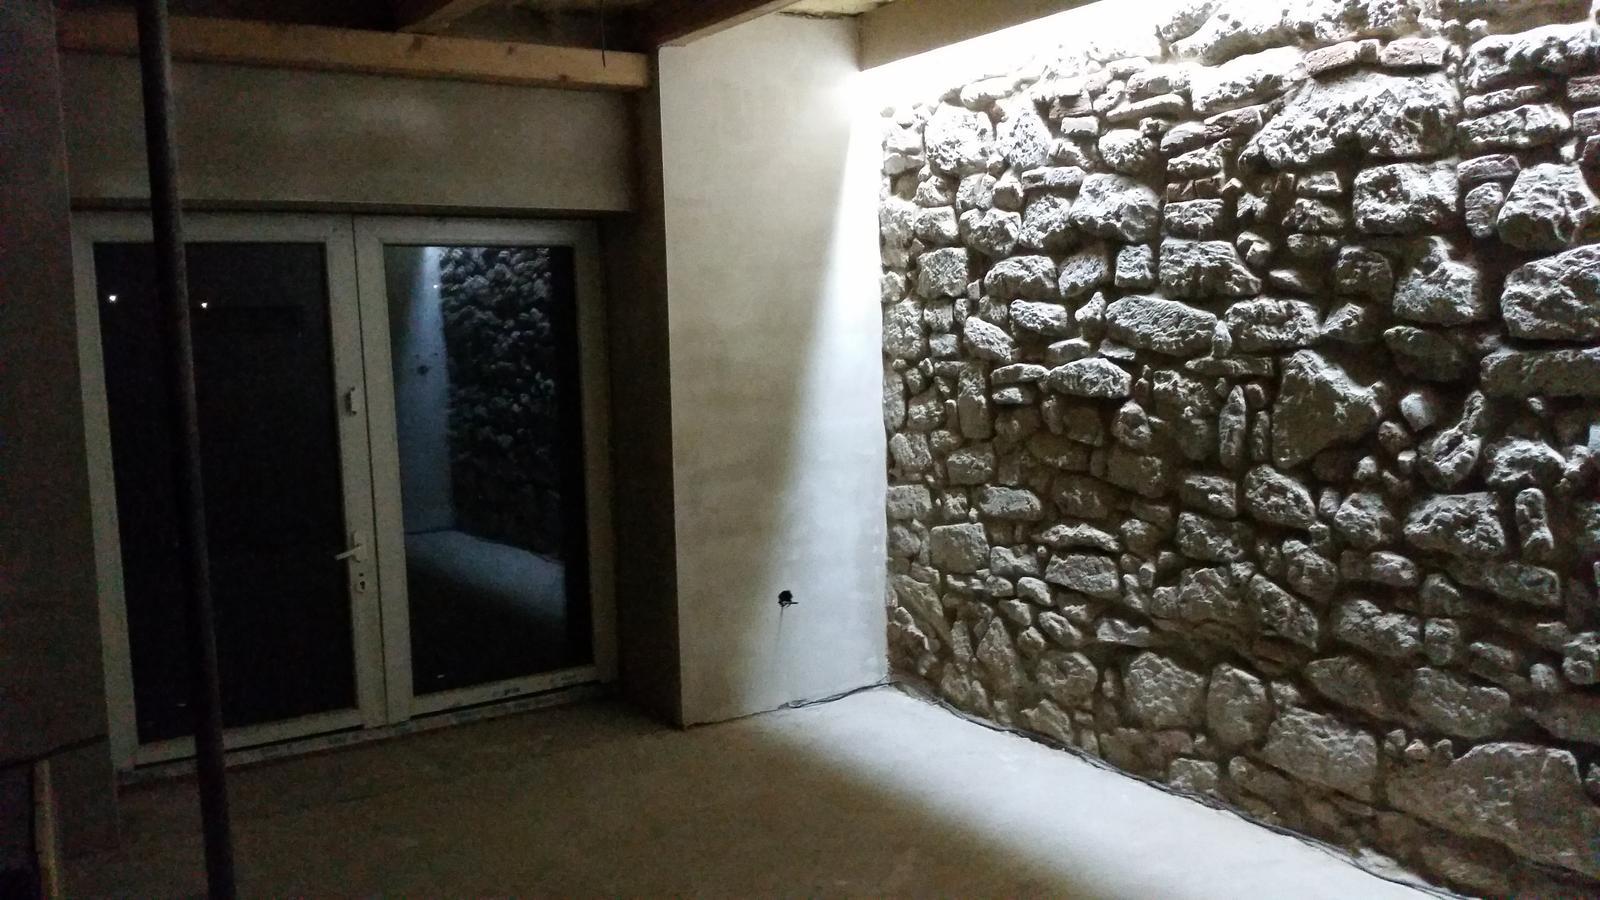 HACIENDA NAPOLI SEBECHLEBY - este stare balkonove dvere...